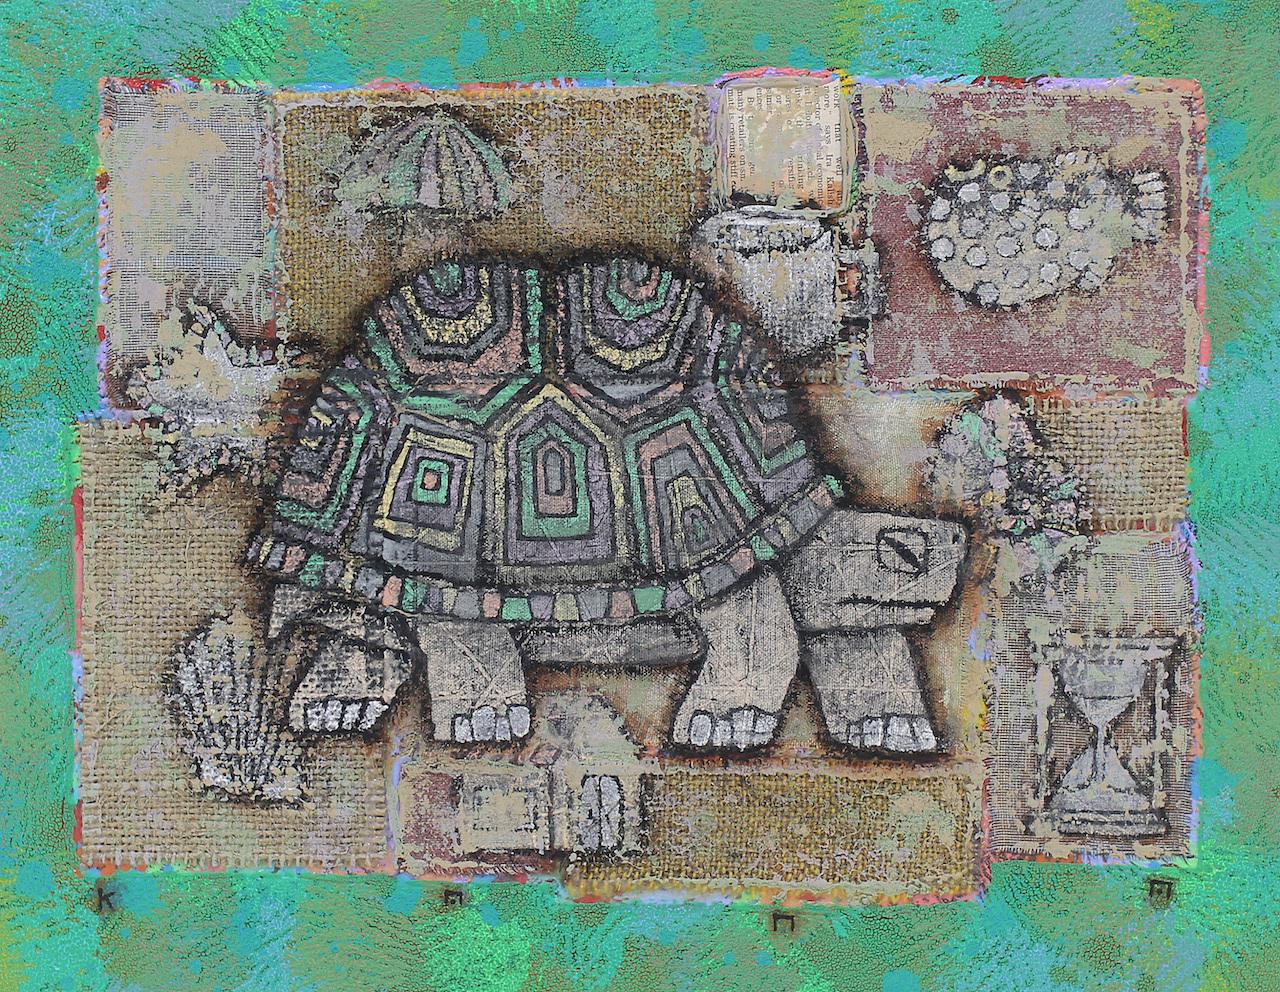 金丸悠児「Tortoise plus Icons at random」